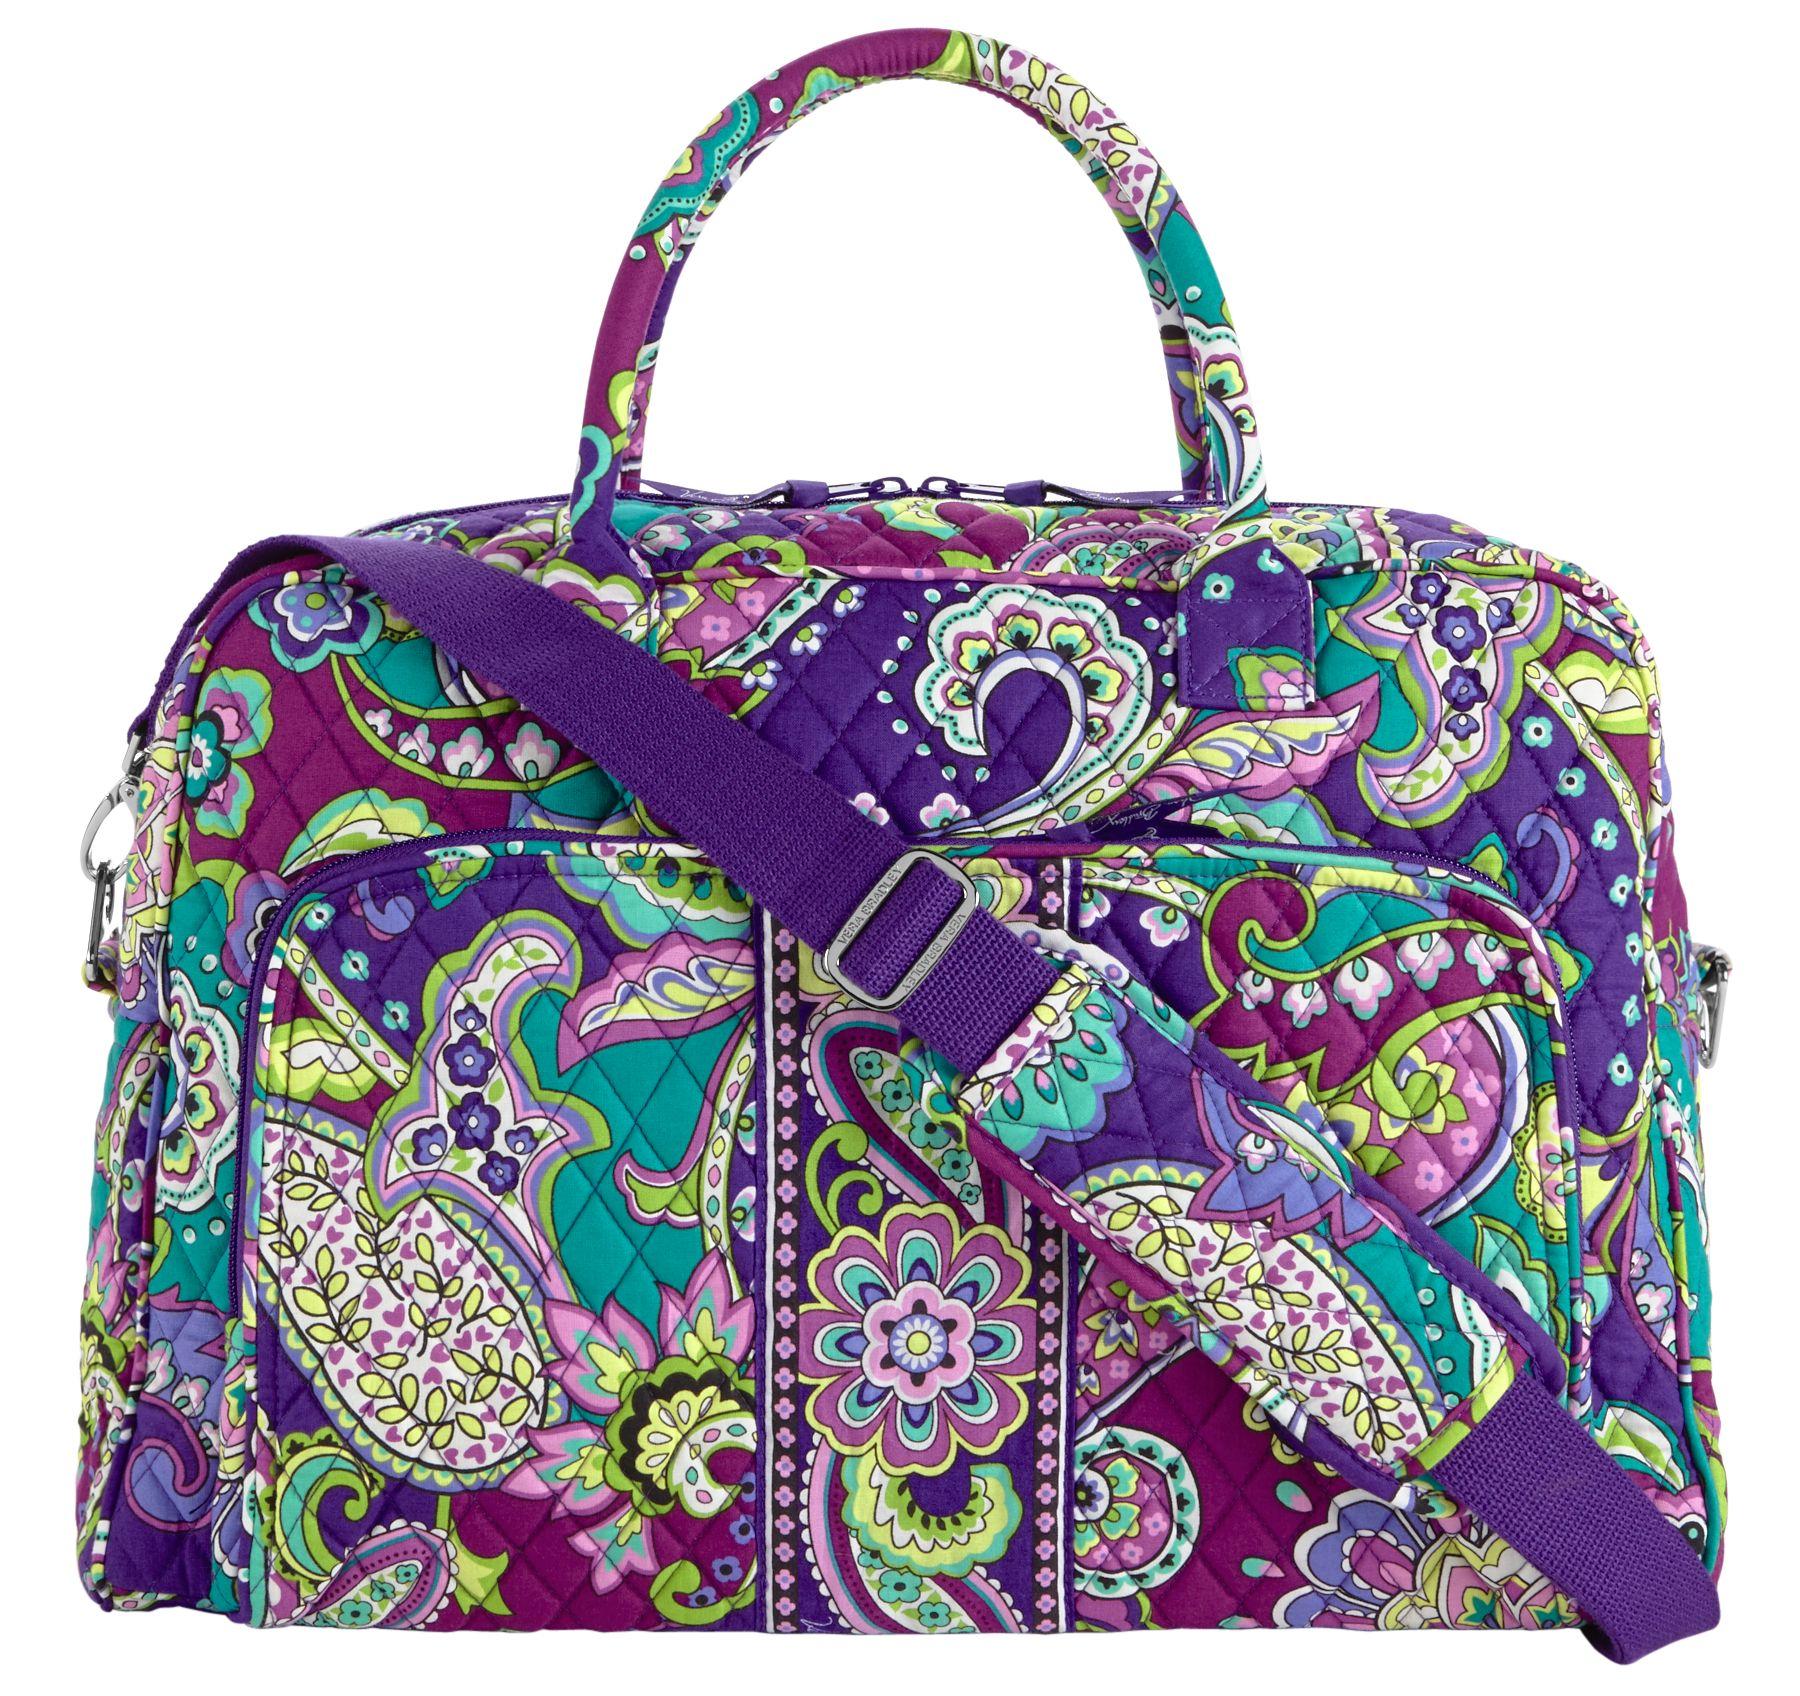 Vera Bradley Weekender Travel Bag in Heather